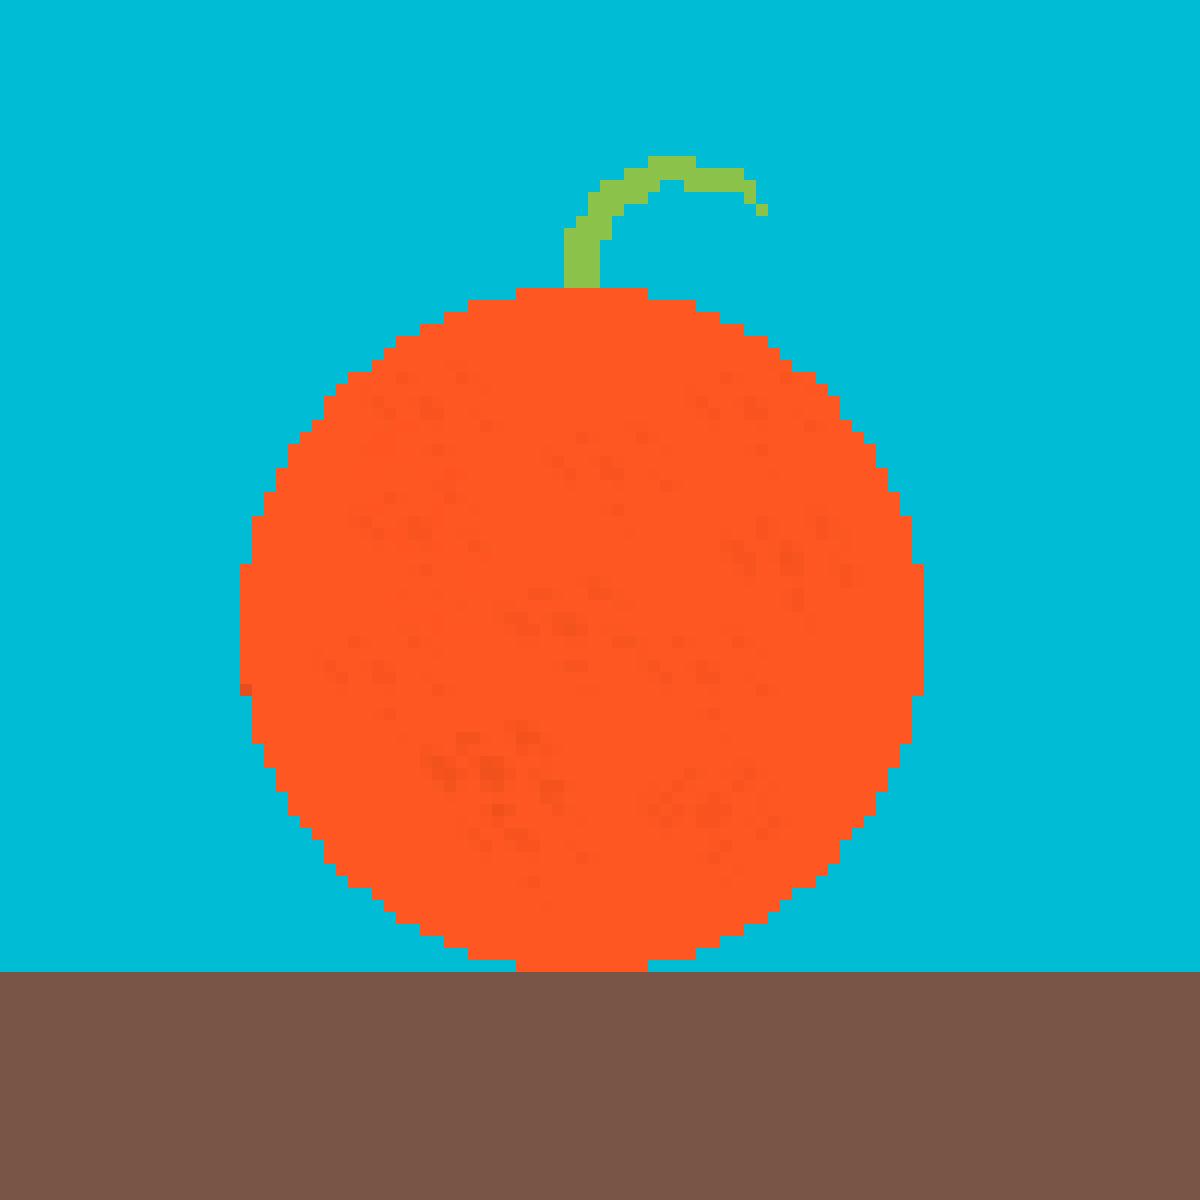 orange by KINGZEALGAMER